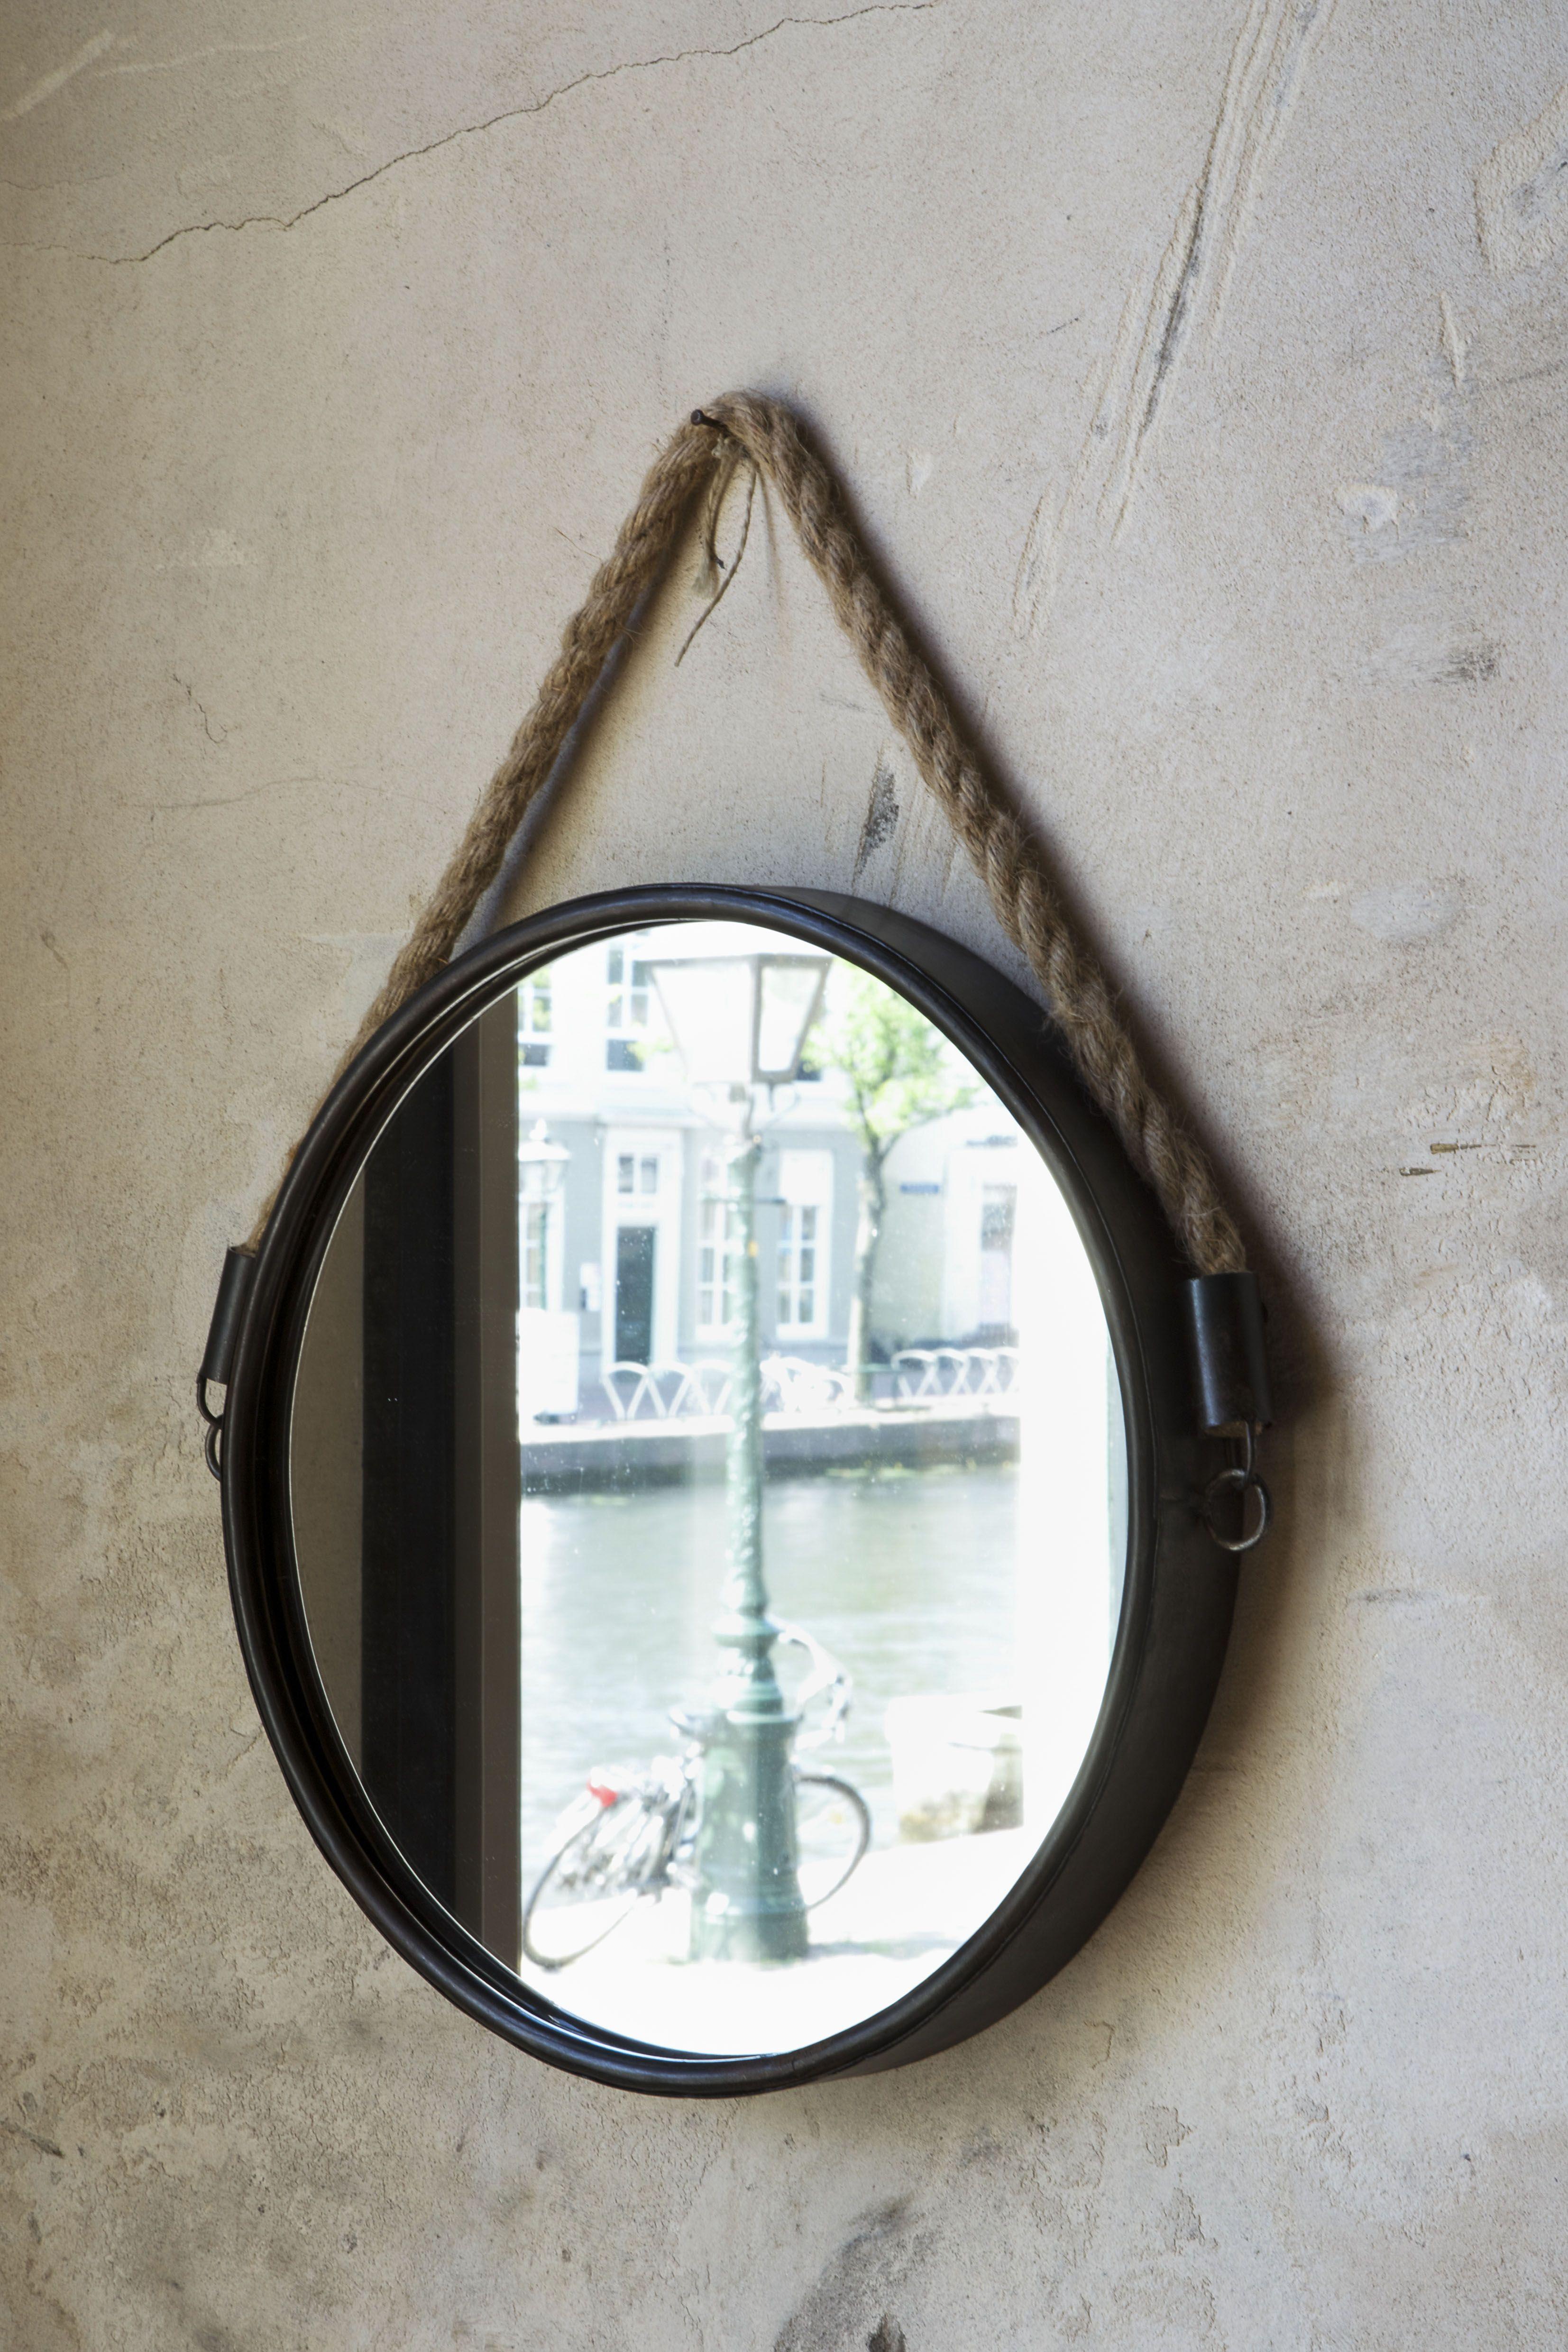 Een uniek design dat heeft de spiegel force zeker door de for Ronde spiegel met touw